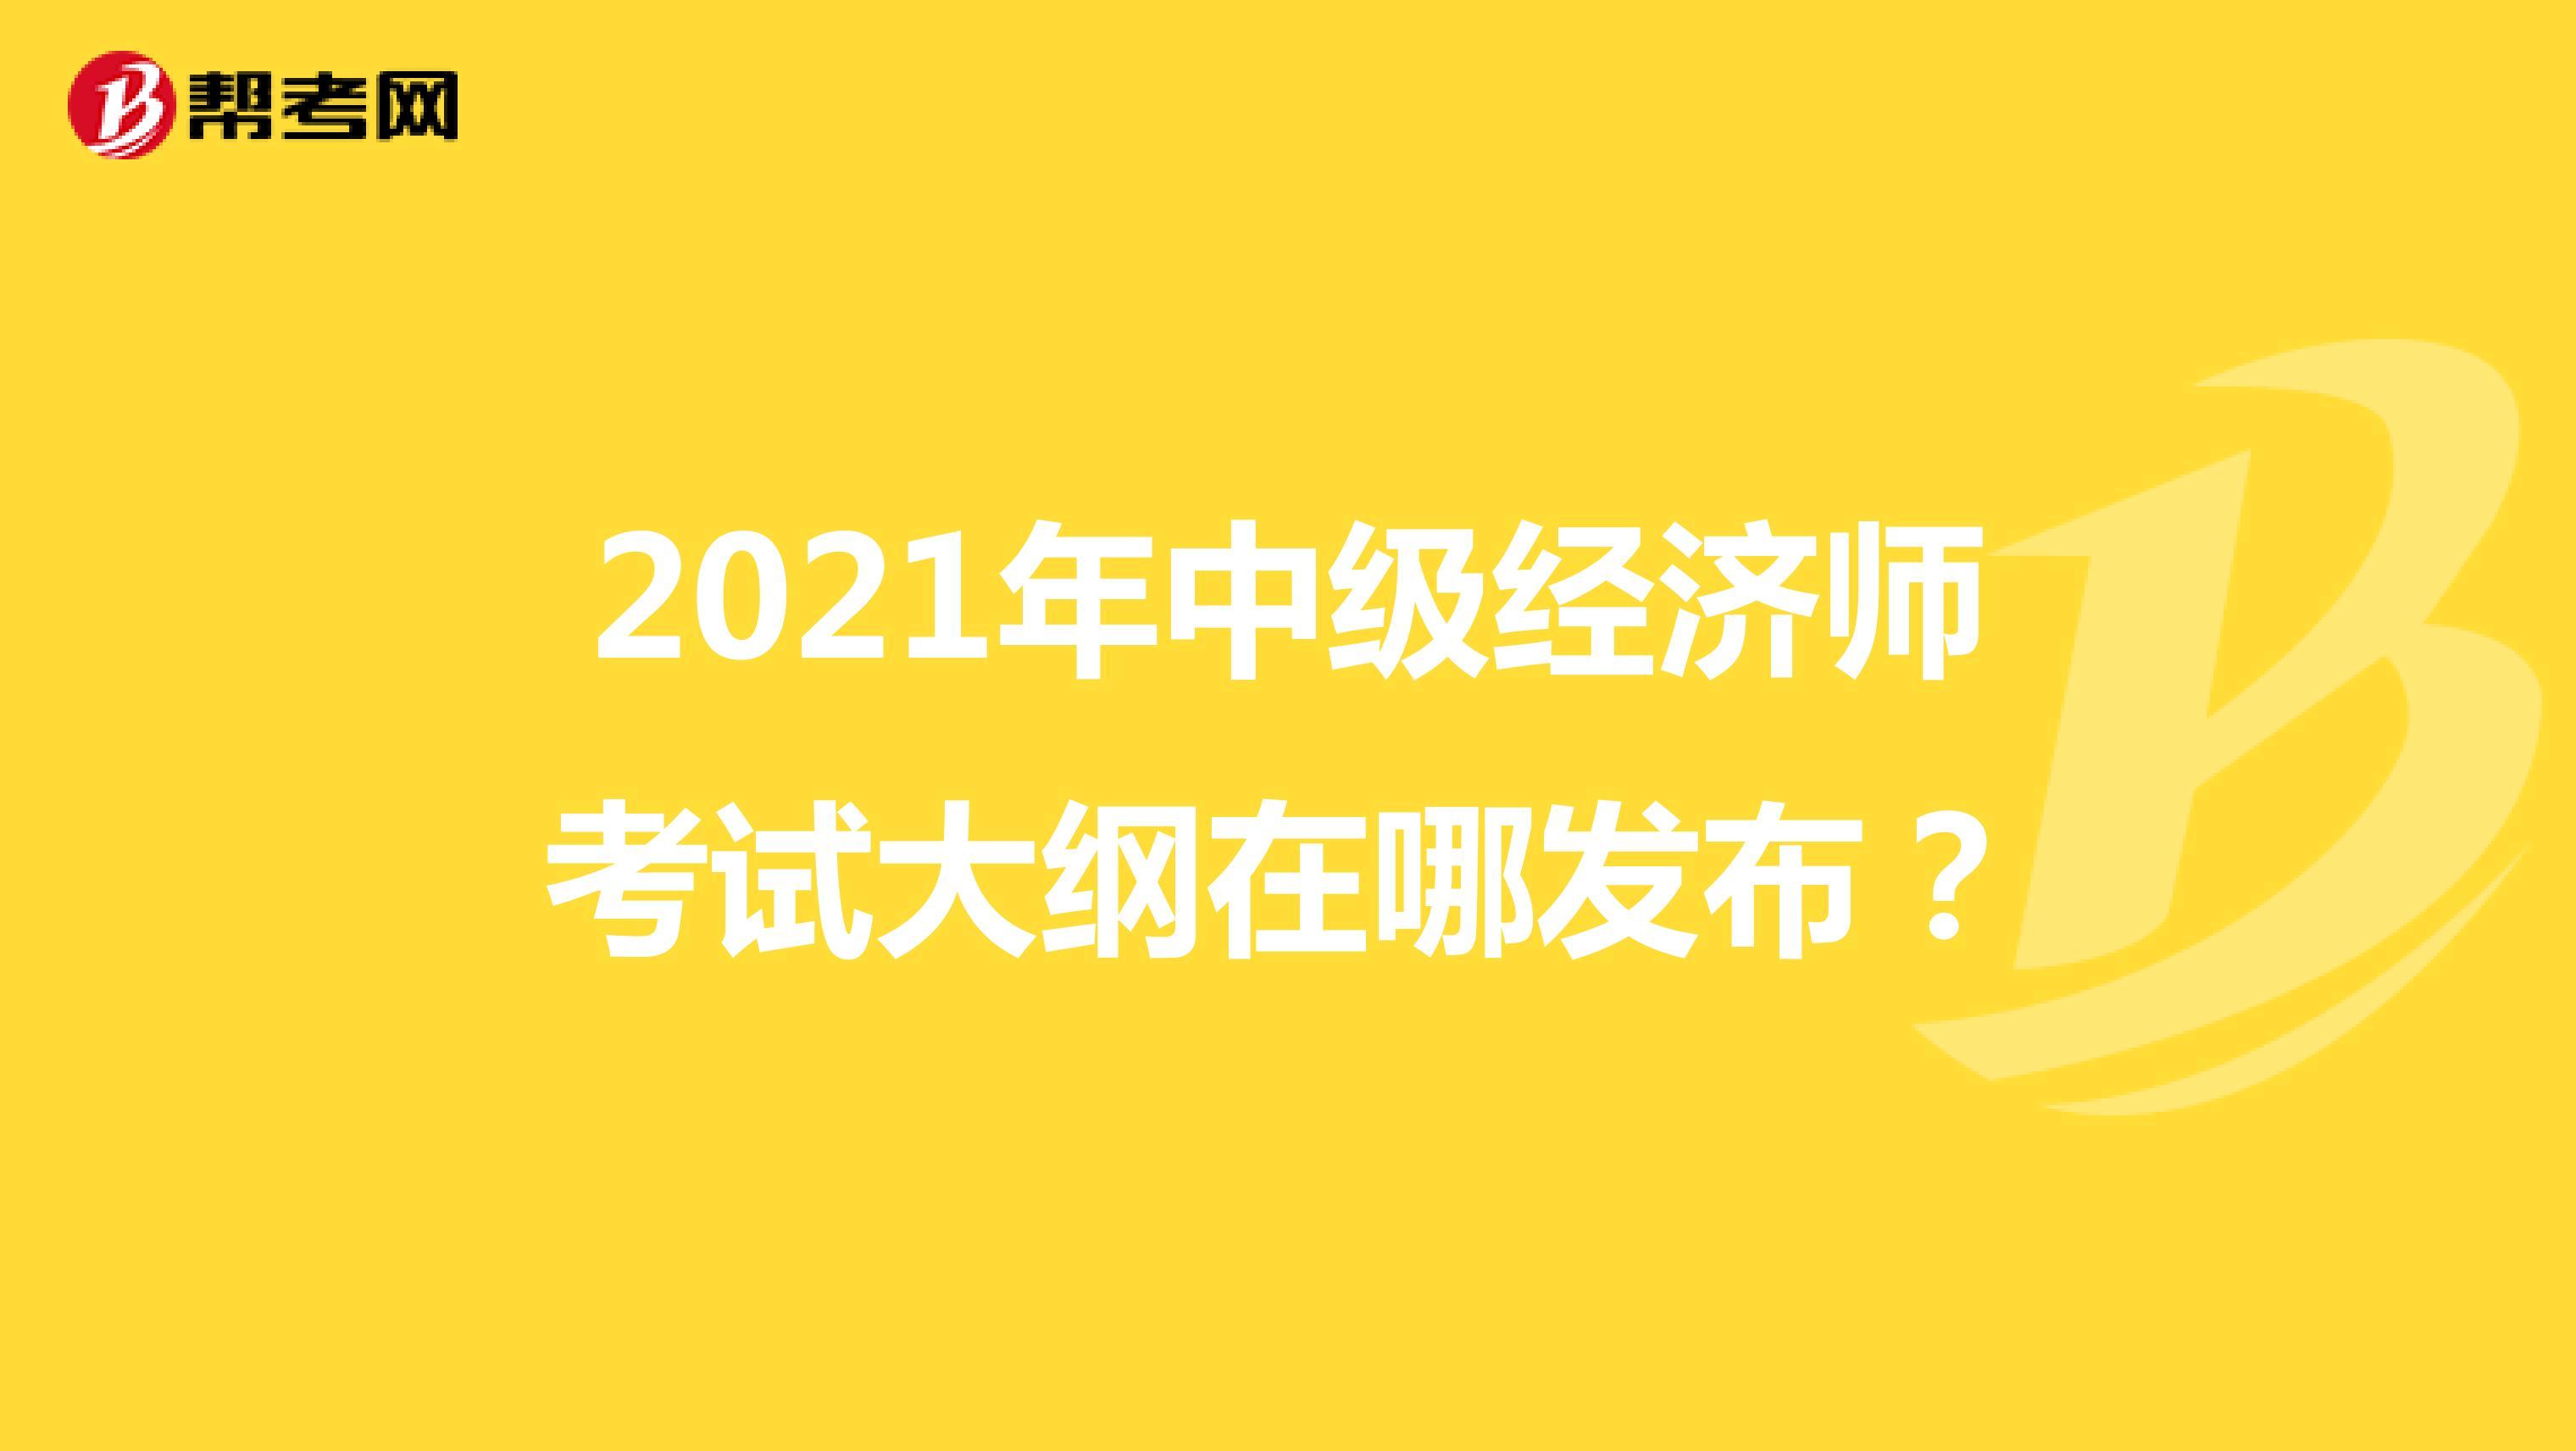 2021年中级经济师考试大纲在哪发布?